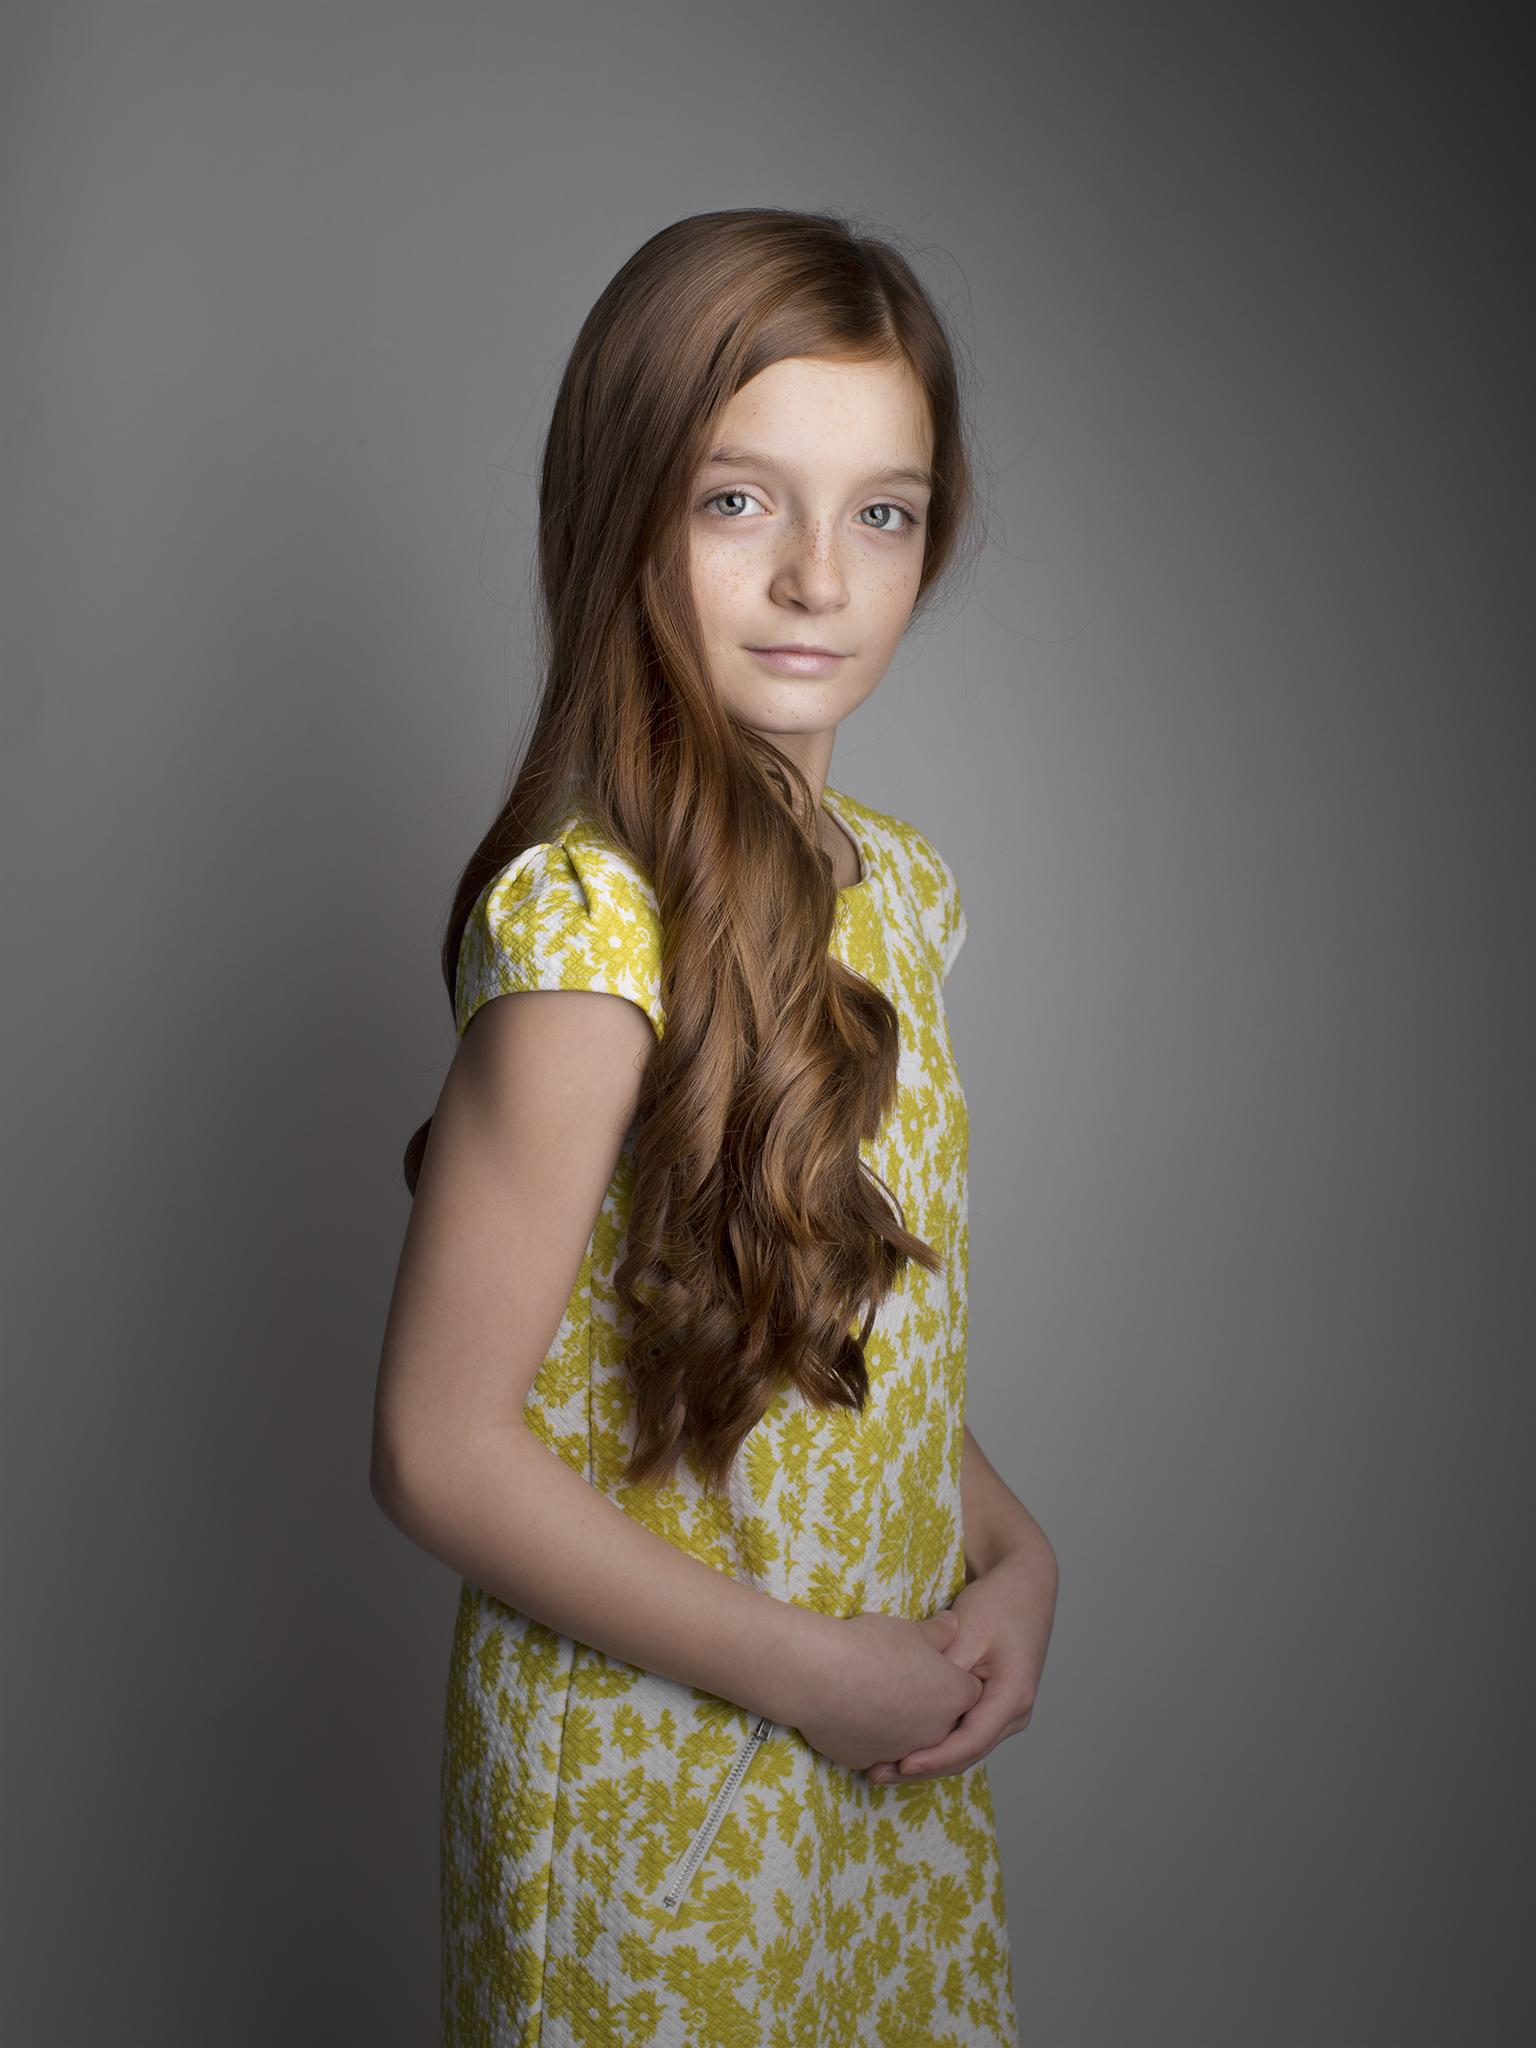 elizabethg_photography_hertfordshire_fineart_child_portrait_model_morgan_6.jpg